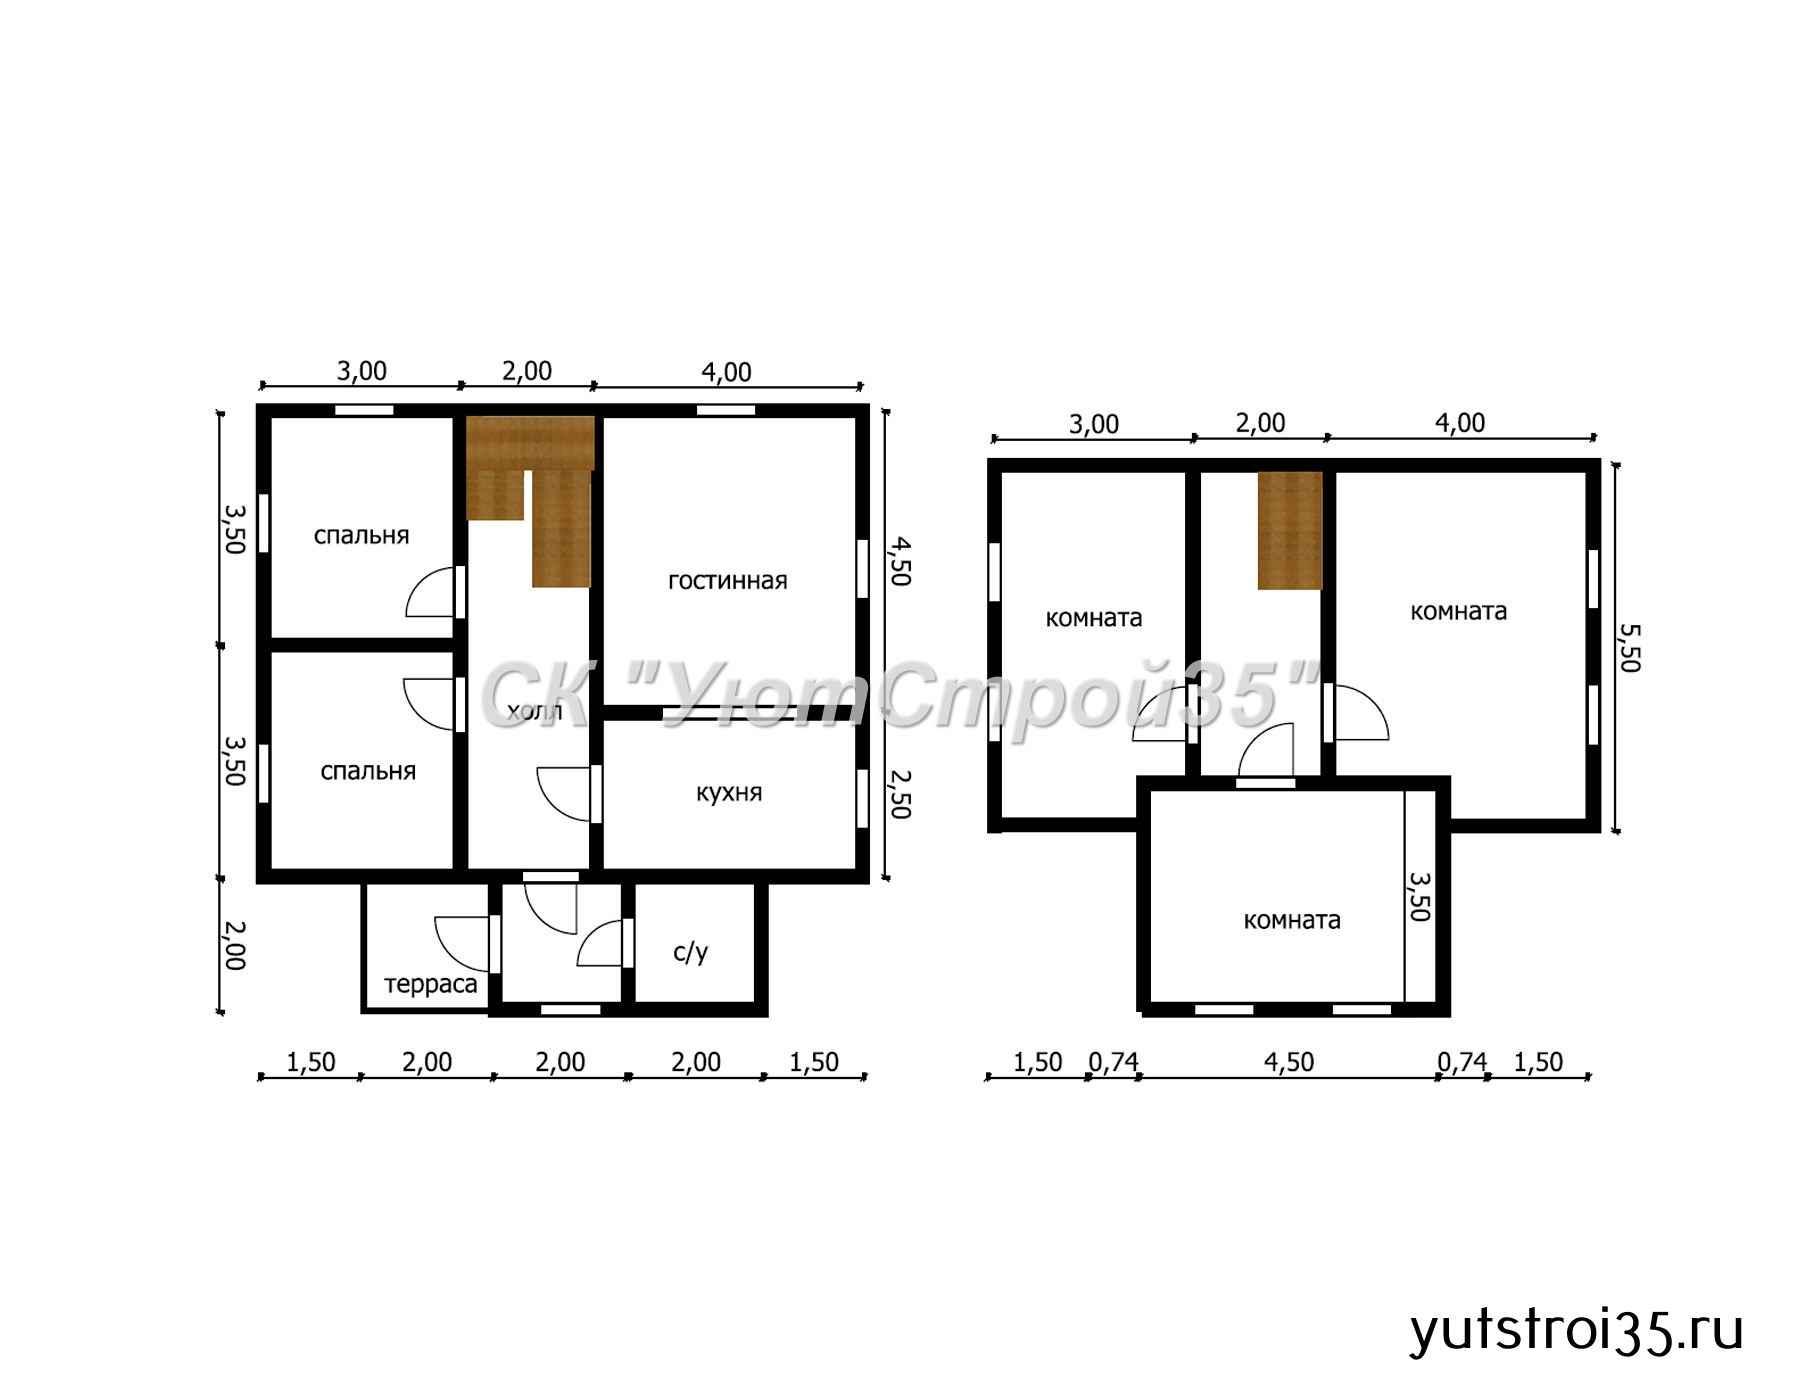 Каркасный дом 9х9 м под ключ К20